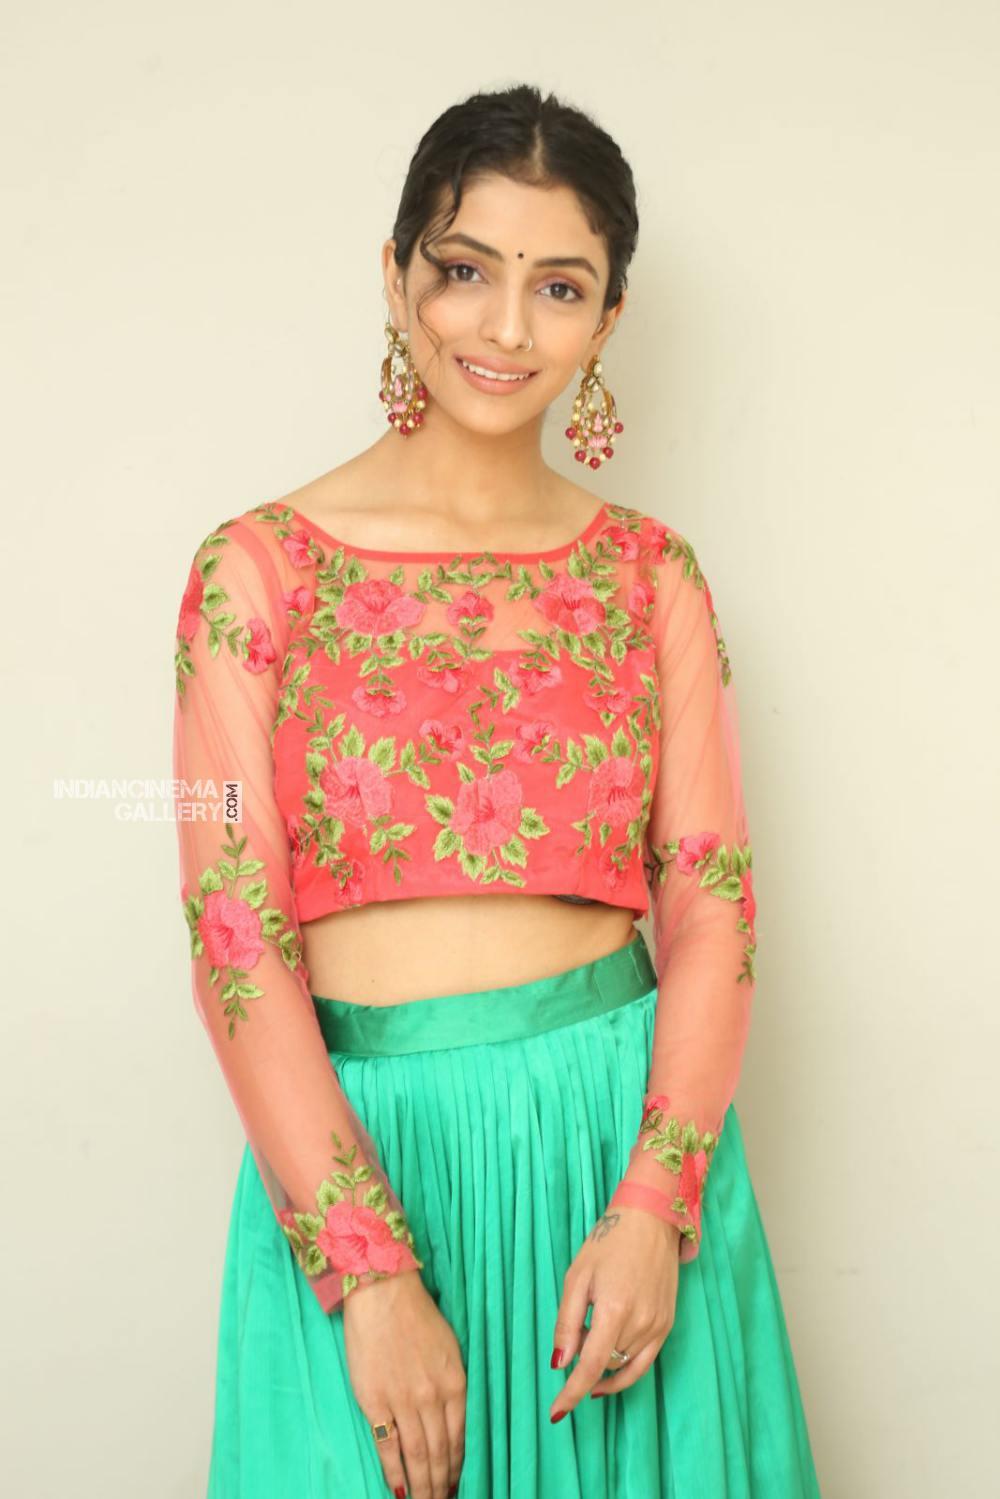 Diksha Sharma Raina new stills (10)